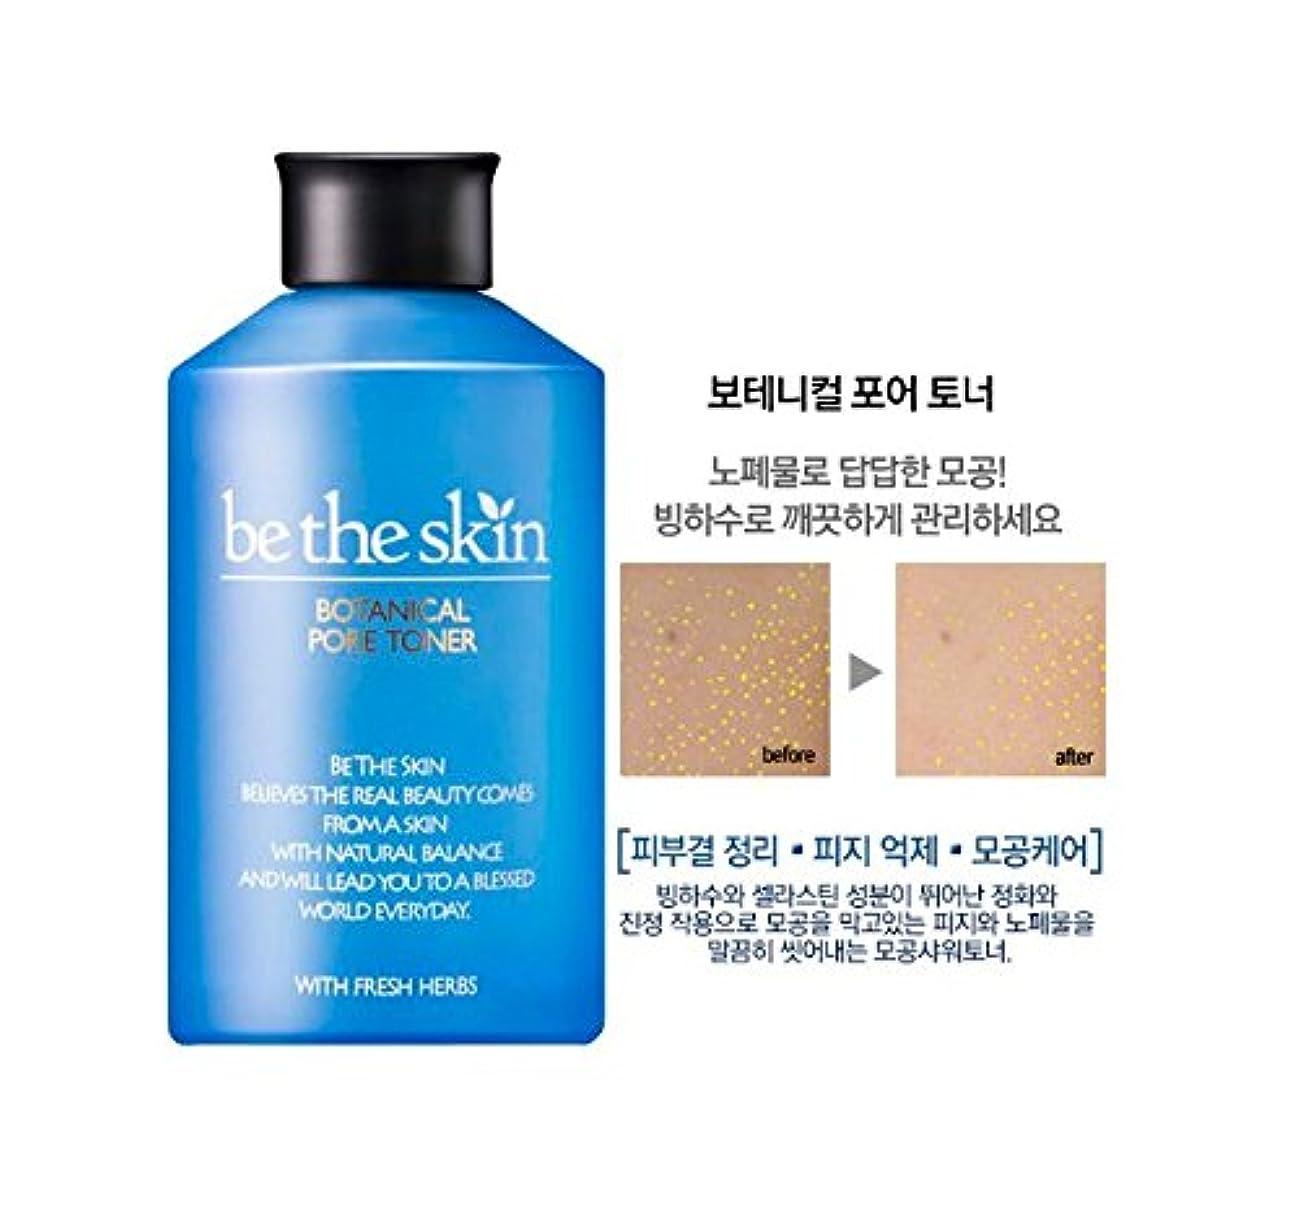 ロケットアッティカス物理的にBe the Skin ボタニカル ポア トナー / Botanical Pore Toner (150ml) [並行輸入品]